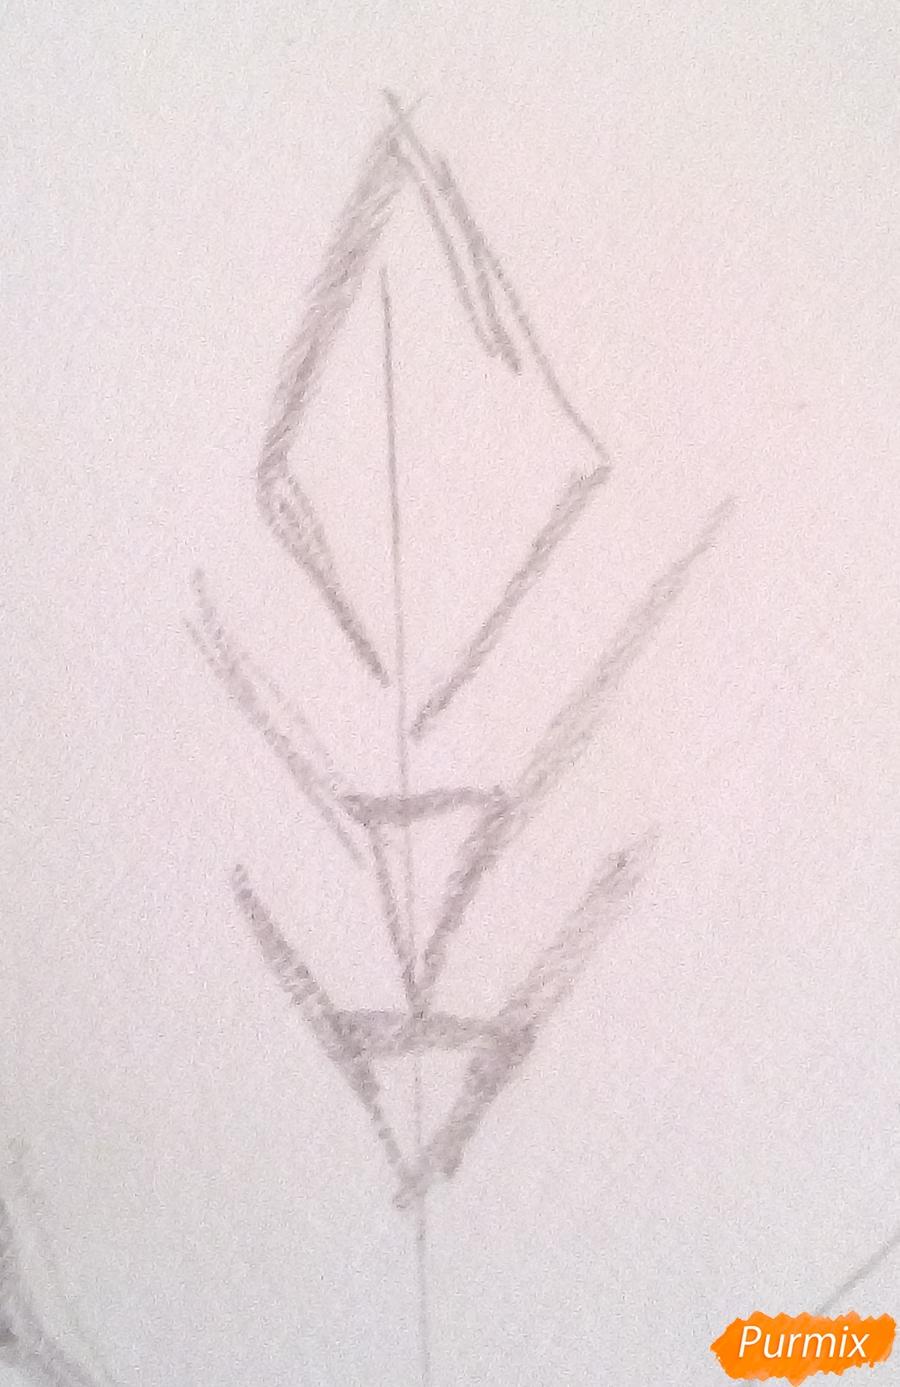 Как просто нарисовать снежинку цветными карандашами - шаг 2